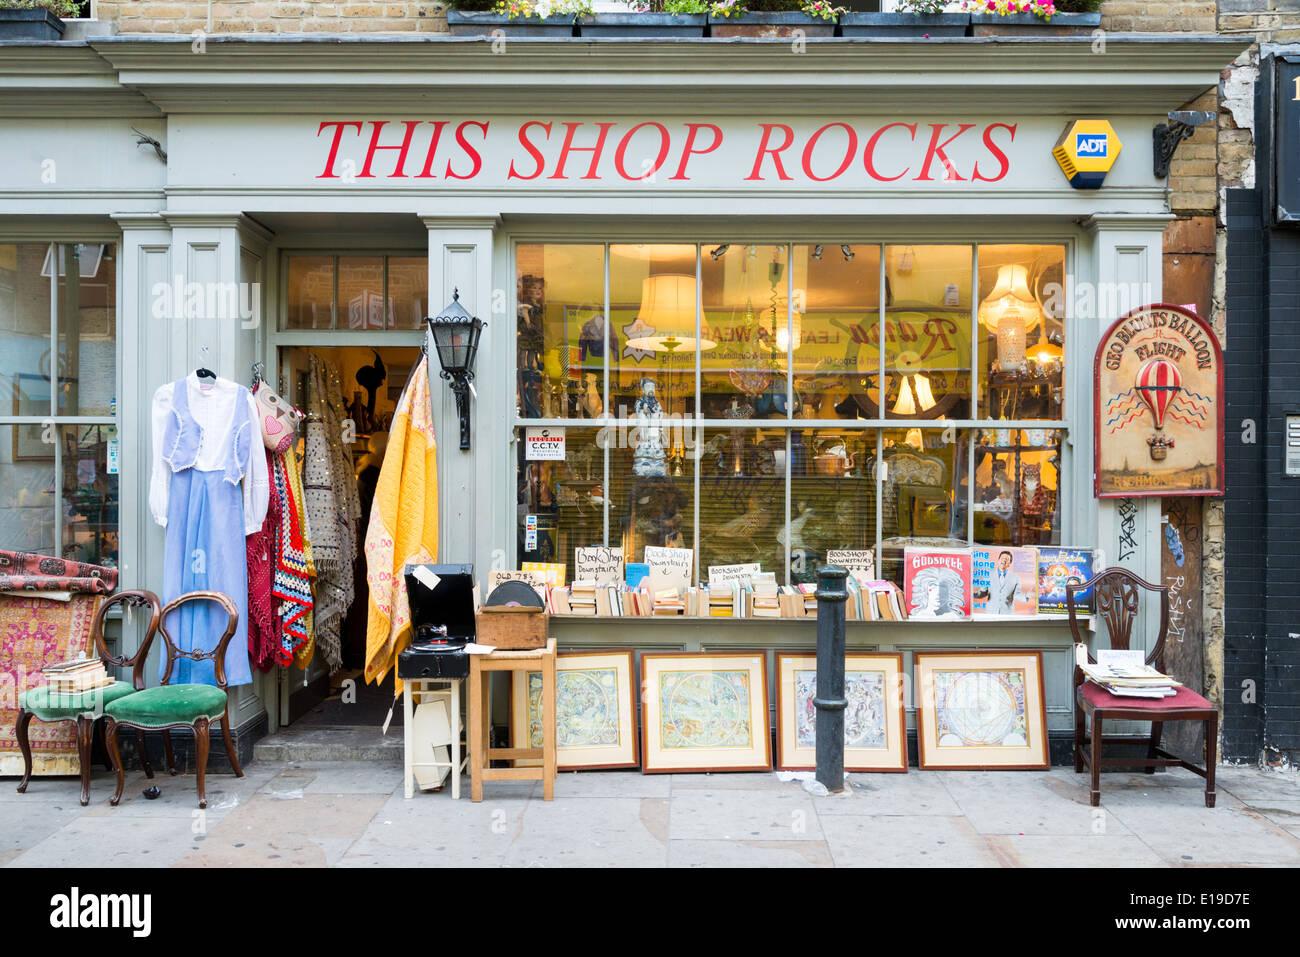 This Shop Rocks shopfront on Brick Lane, Tower Hamlets, London, England, UK - Stock Image